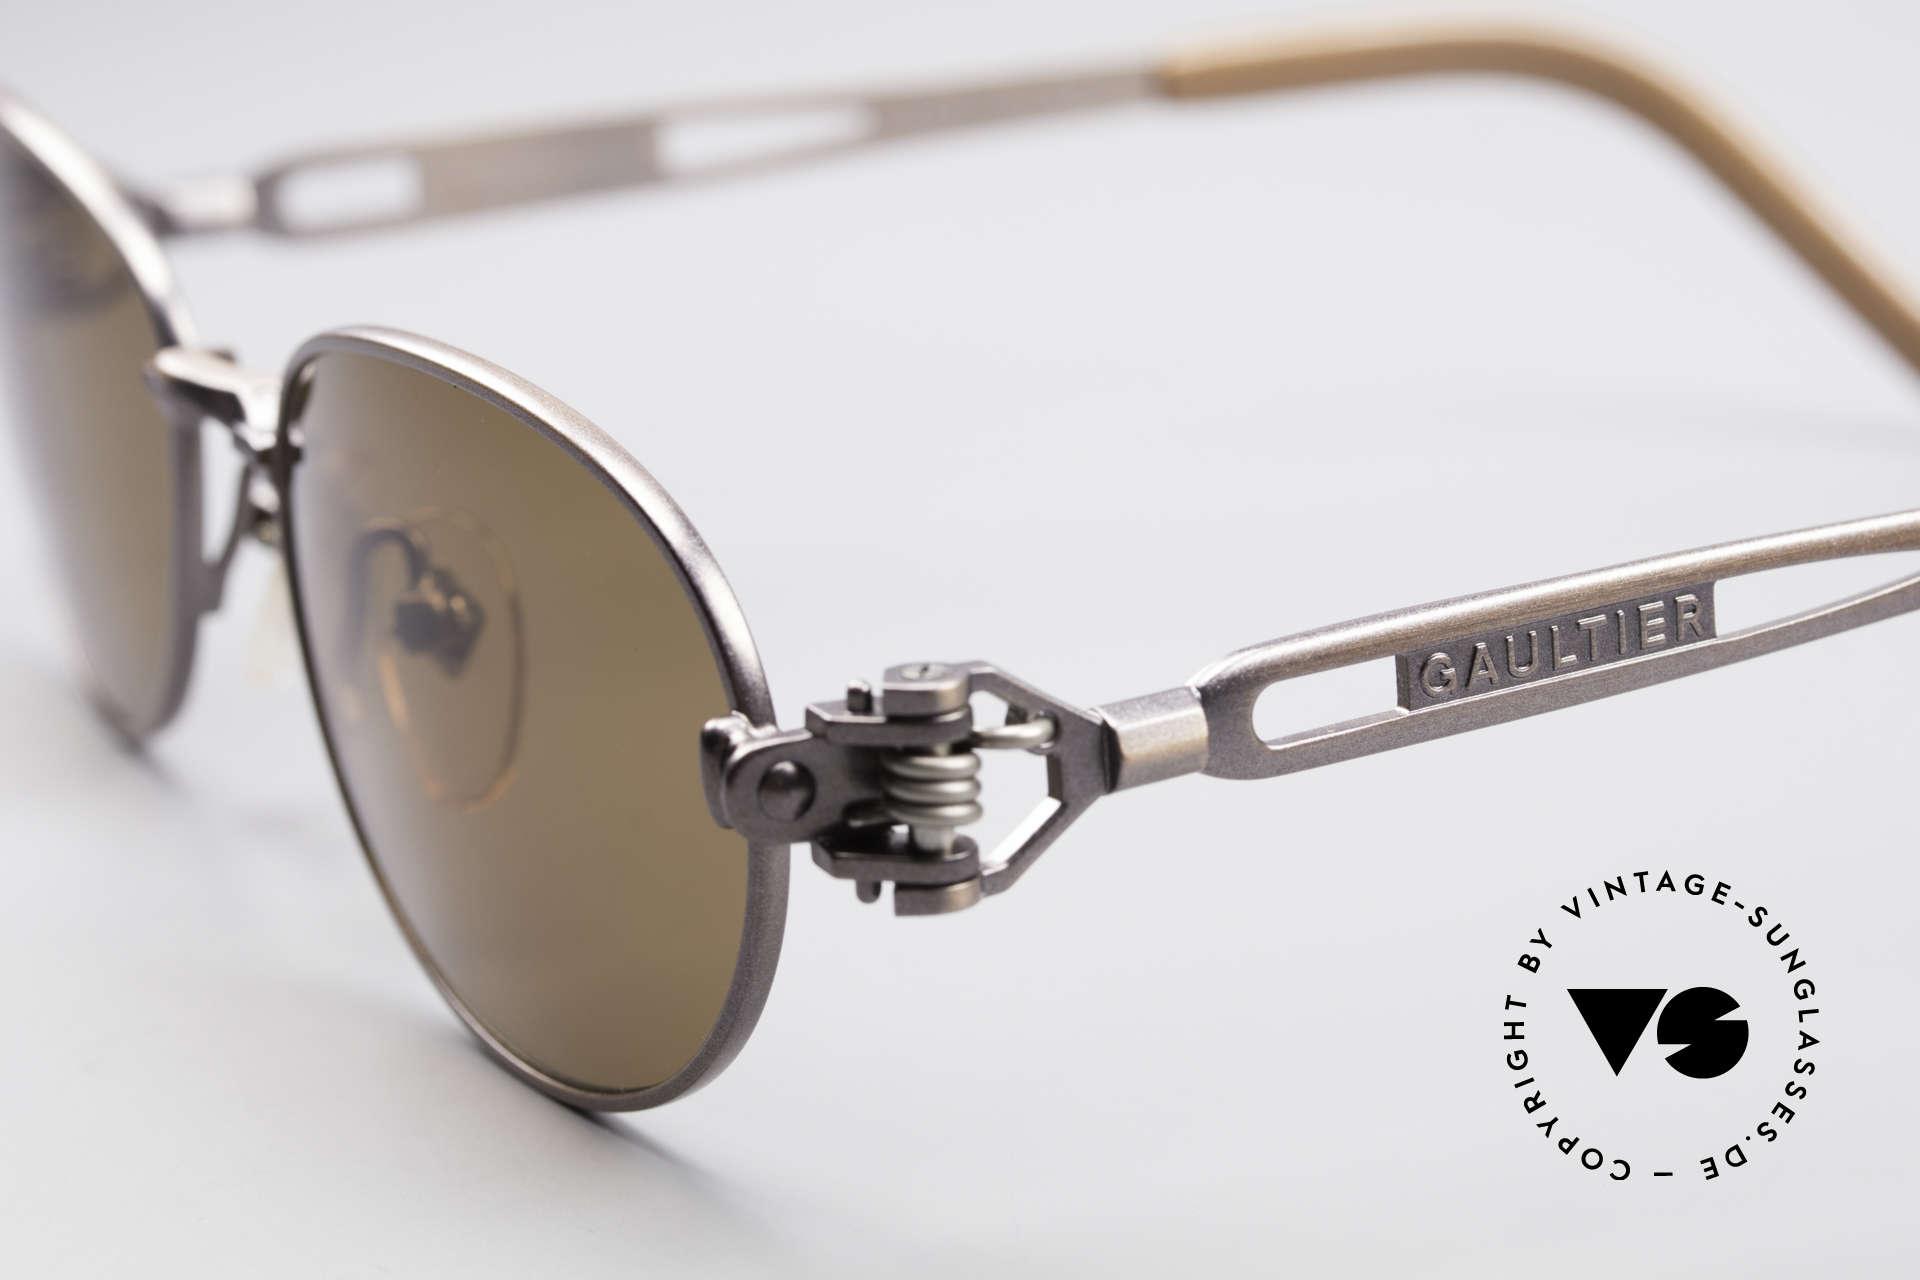 Jean Paul Gaultier 56-8102 Steampunk Vintage Brille, ungetragen; wie all unsere JPG Designer-Sonnenbrillen, Passend für Herren und Damen